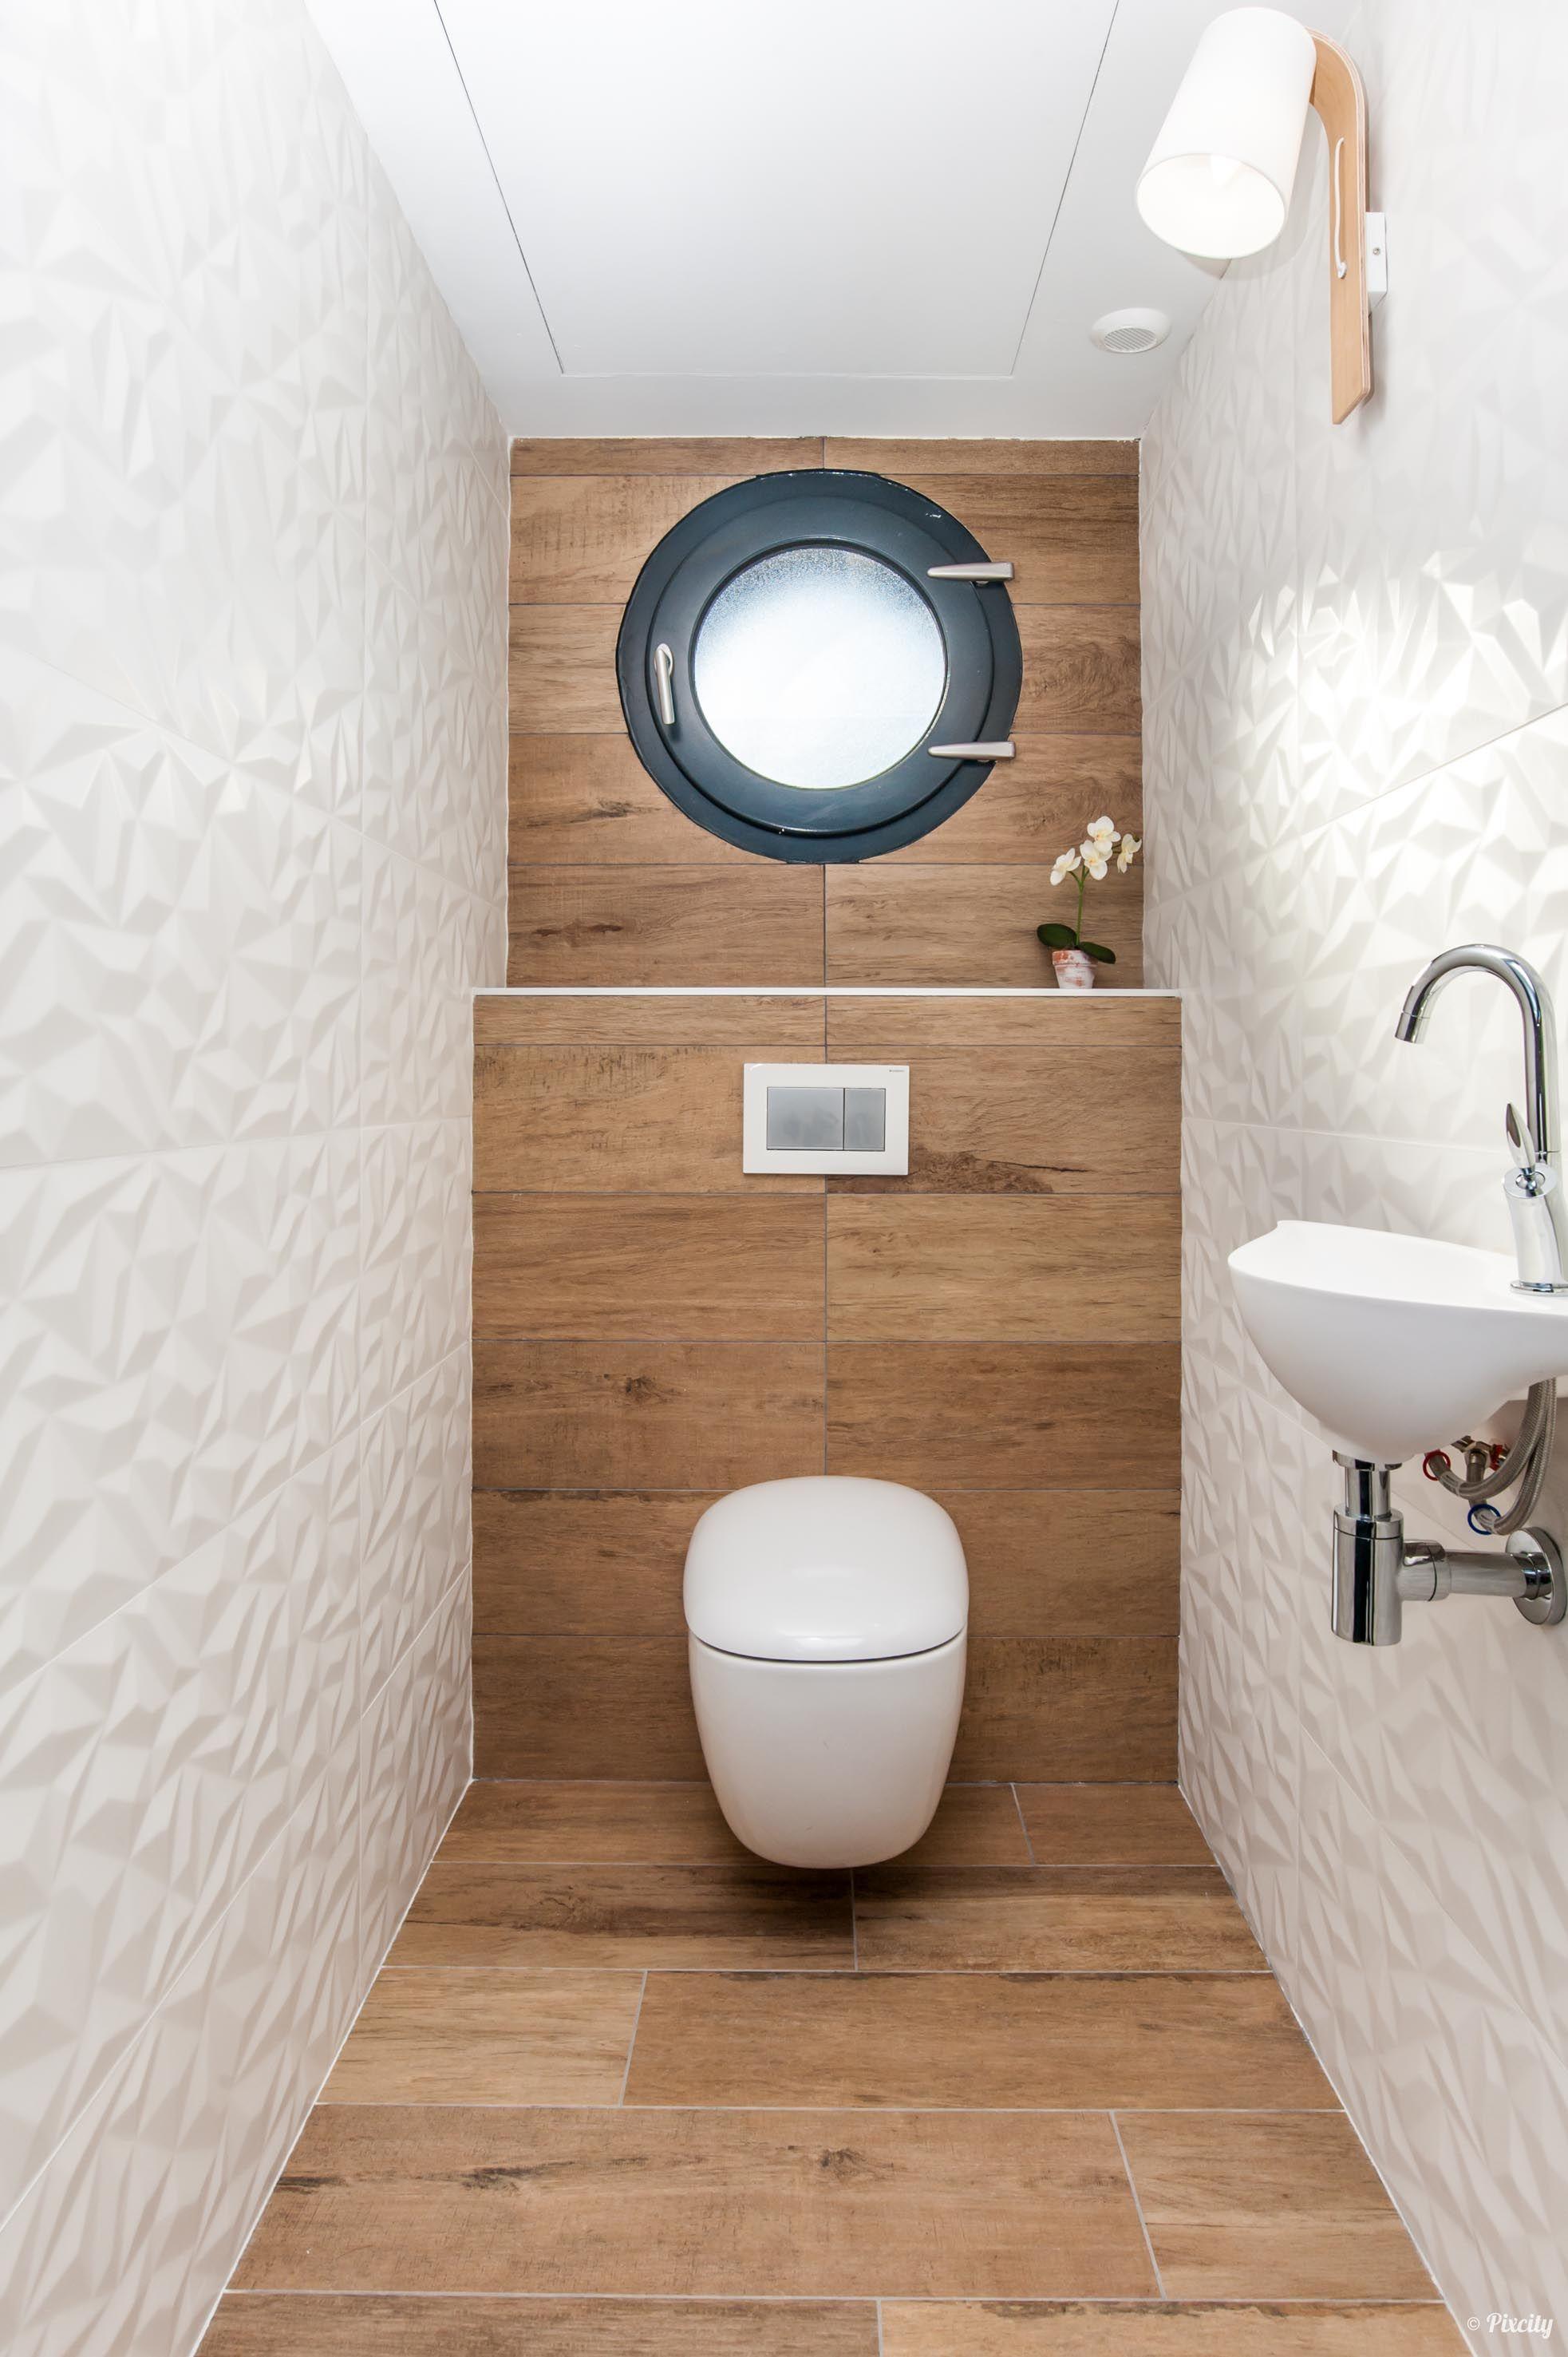 Wc Avec Carrelage Imitation Bois Et Carrelage Blanc En Relief Deco Toilettes Amenagement Toilettes Idee Deco Toilettes